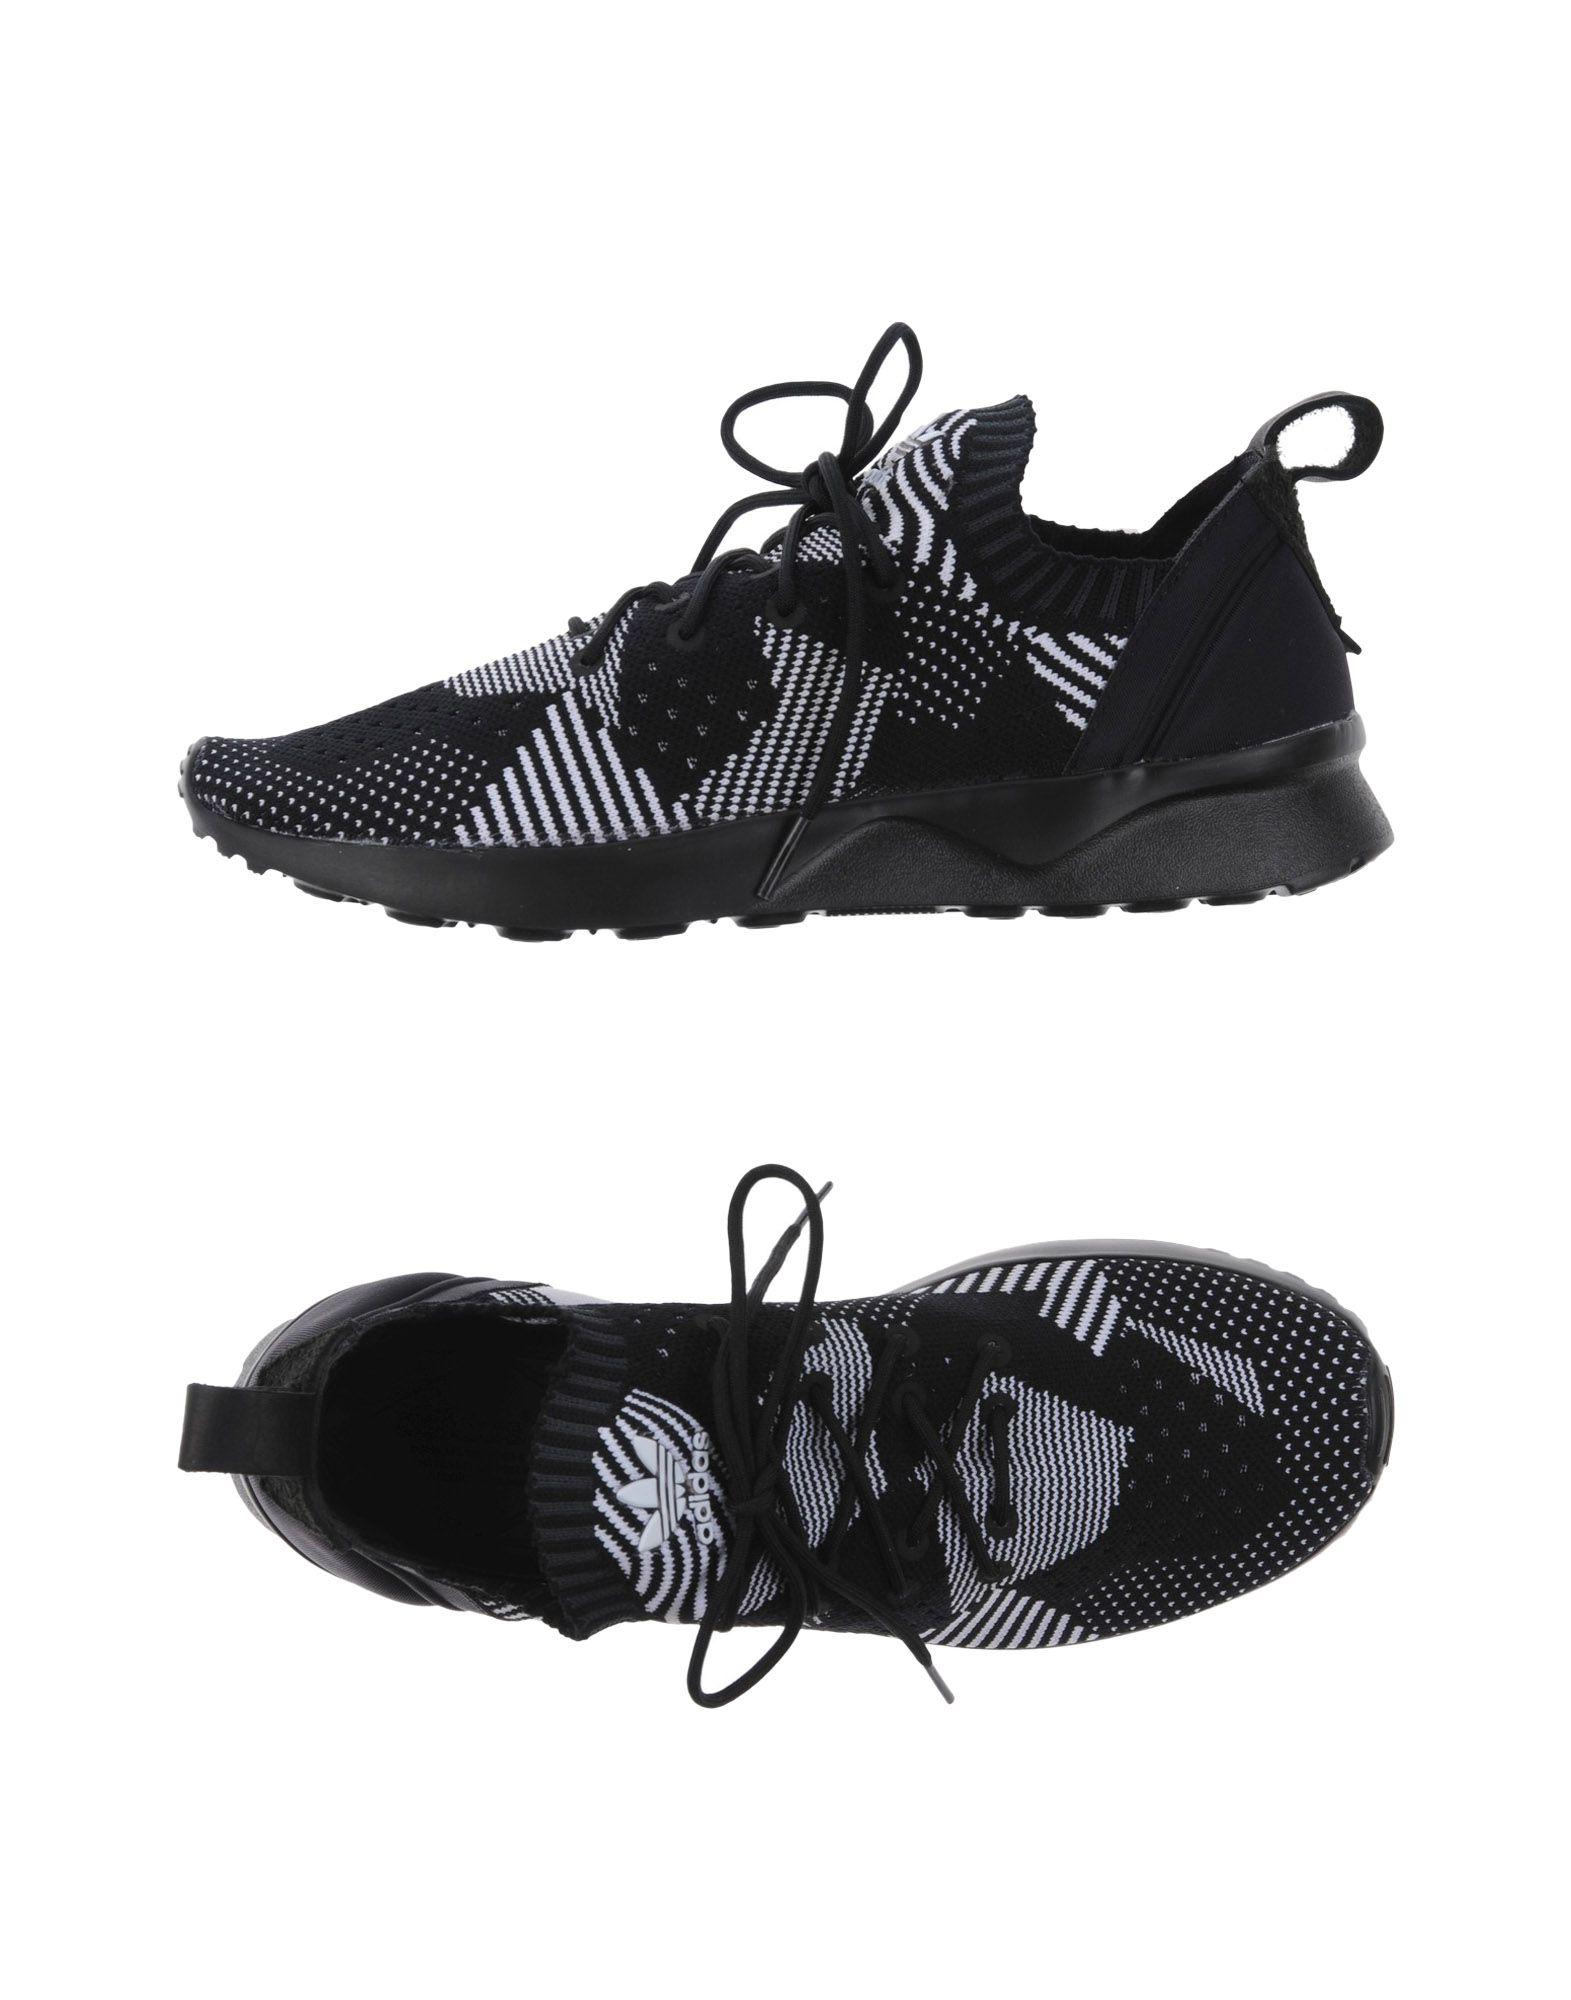 Baskets Adidas Originals Femme - Baskets Adidas Originals Noir Dernières chaussures discount pour hommes et femmes